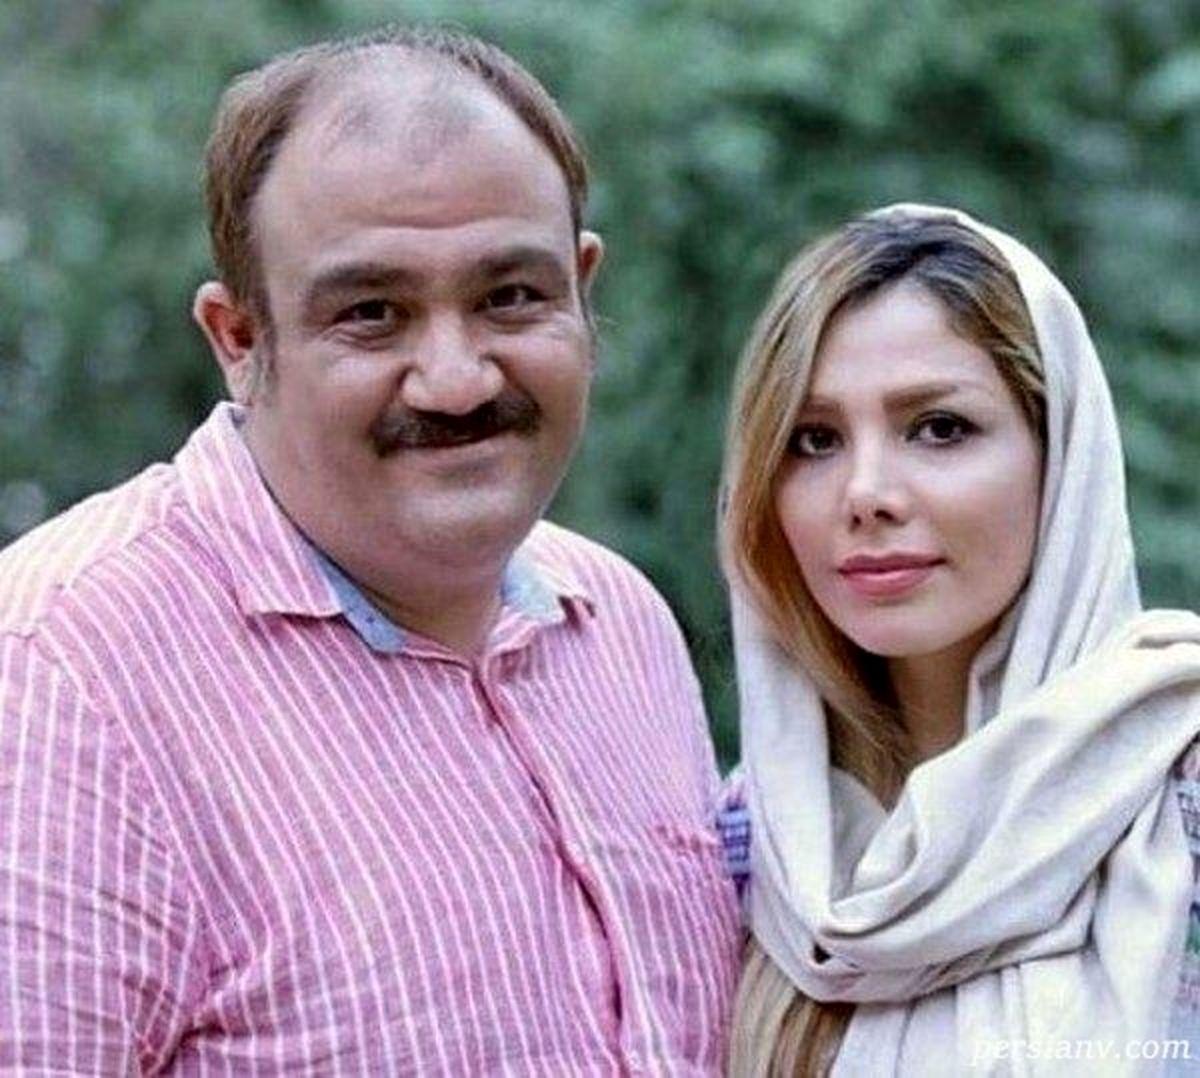 عکس لورفته از زن مهران غفوریان در خارج از کشور | مهران غفوریان و همسرش